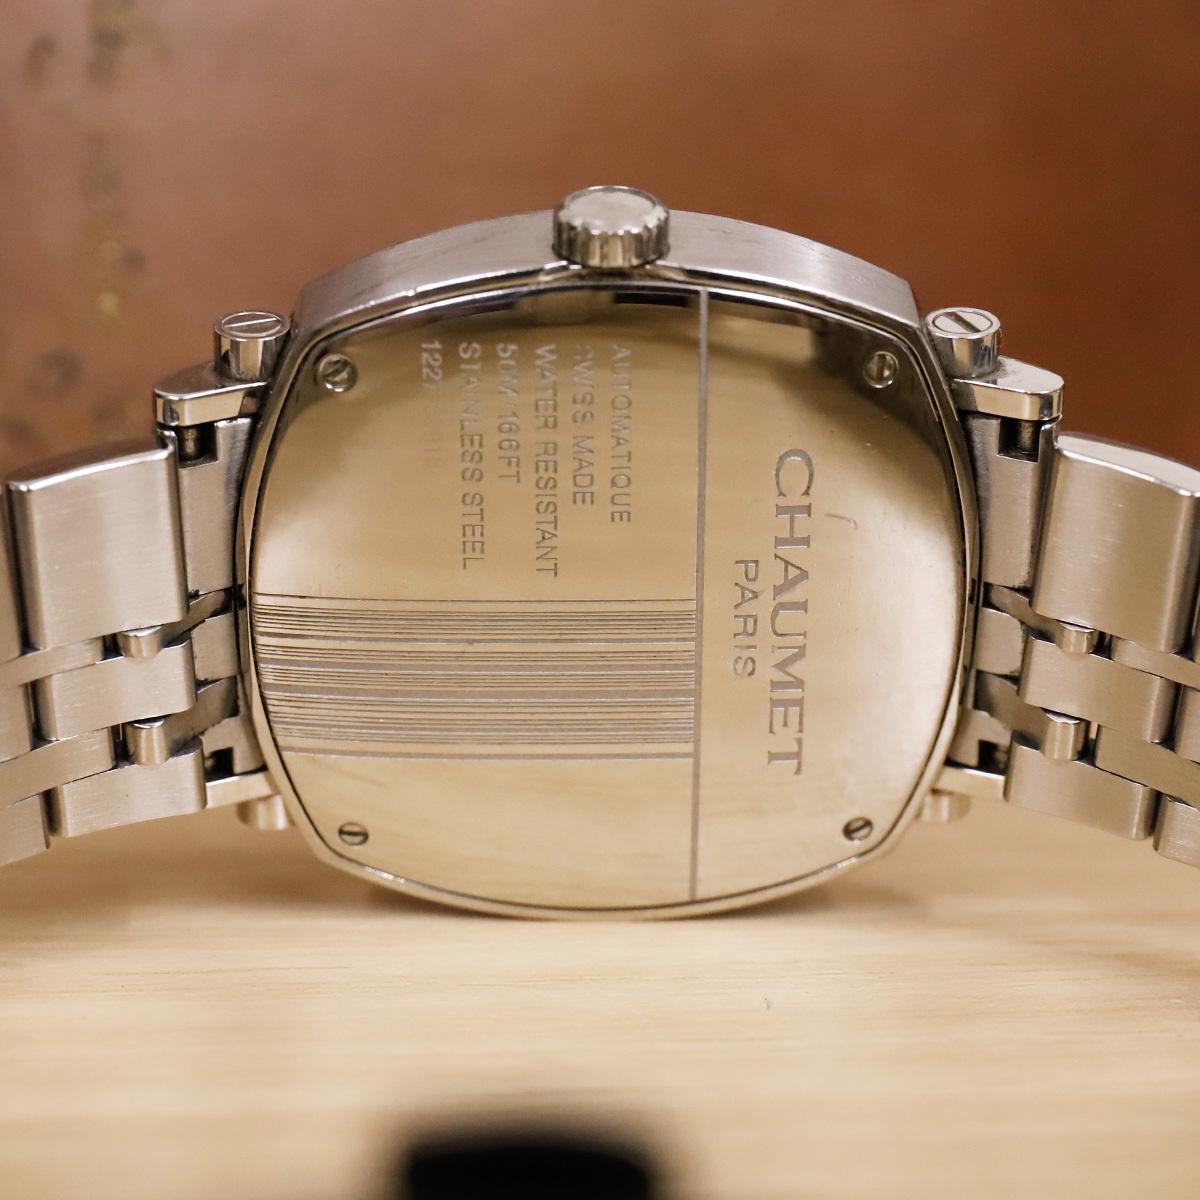 本物 ショーメ 自動巻 ダンディ オートマチック メンズ 純正メタルブレスレットモデル 機械式時計 スイス製 正規品 CHAUMET_画像7